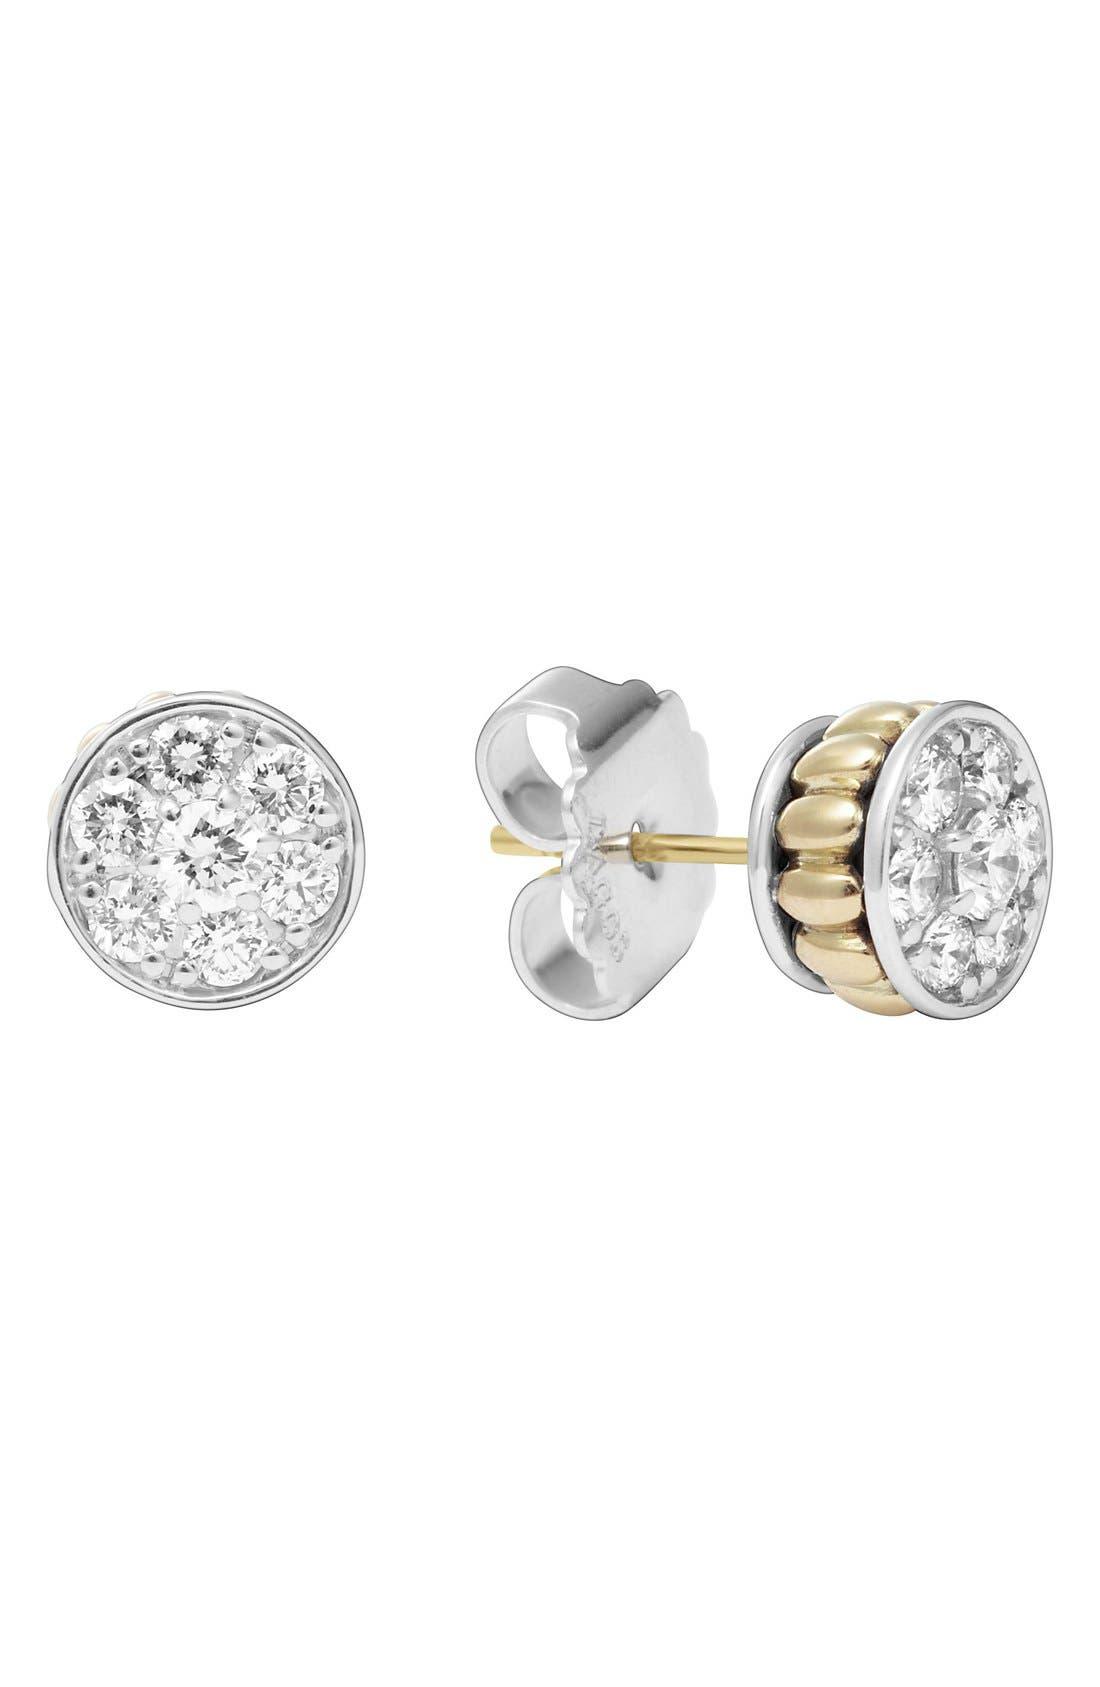 Main Image - LAGOS Diamond & Caviar Stud Earrings